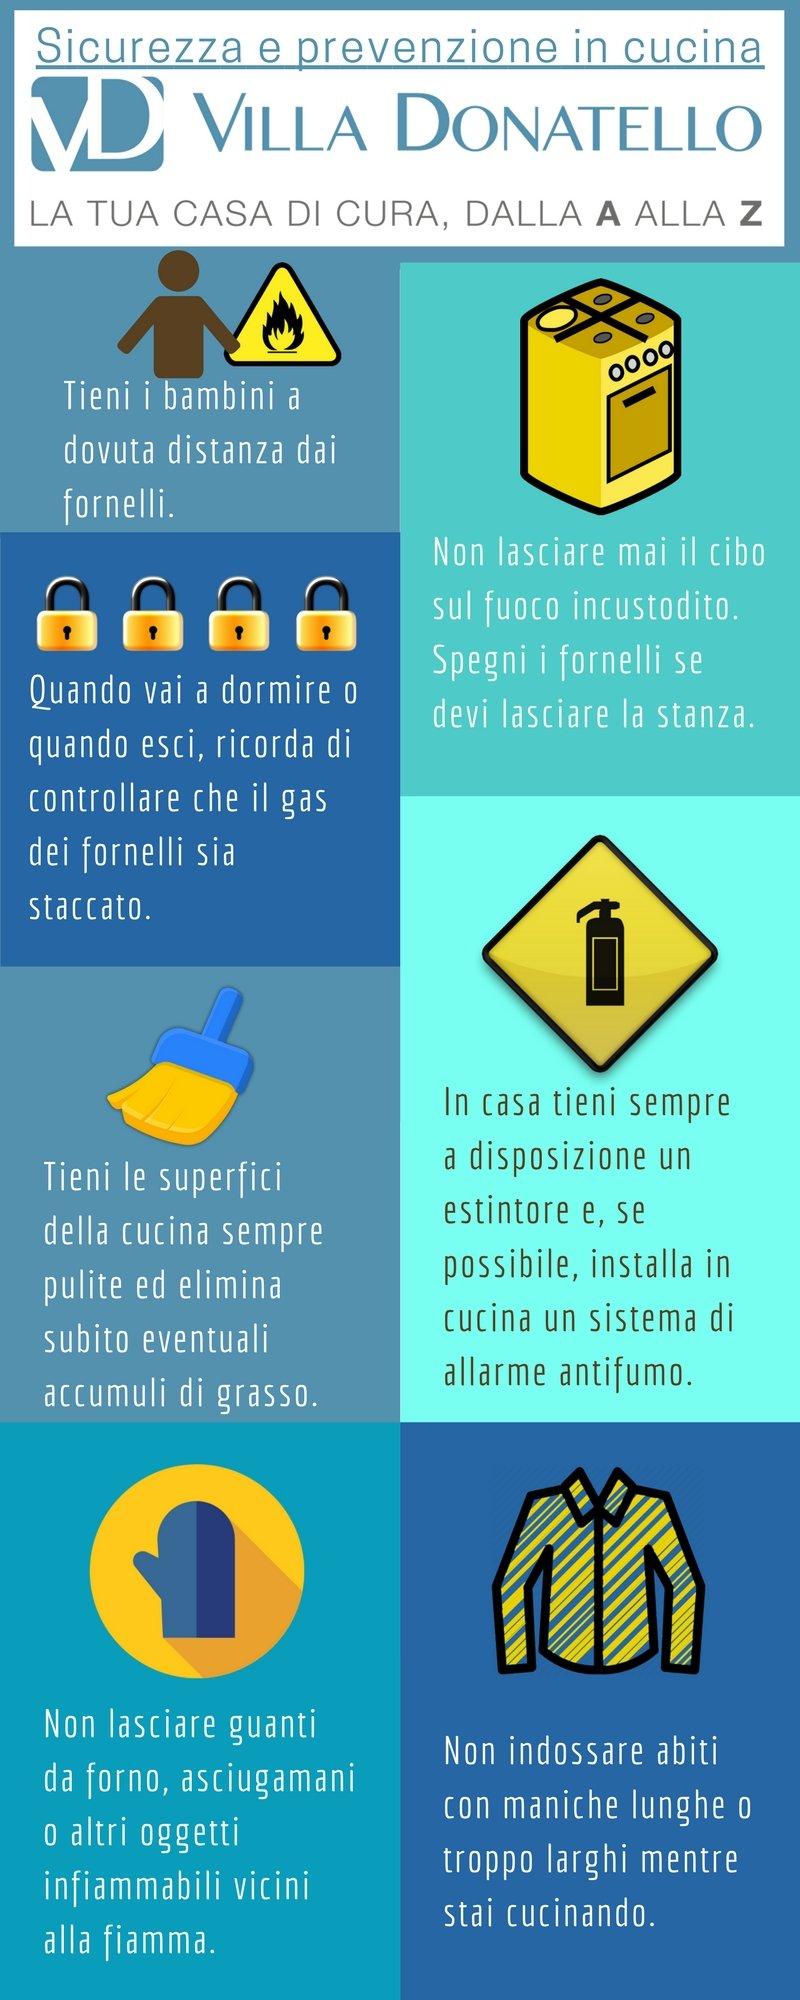 infografica con una serie di accorgimenti per prevenire incidenti domestici in cucina